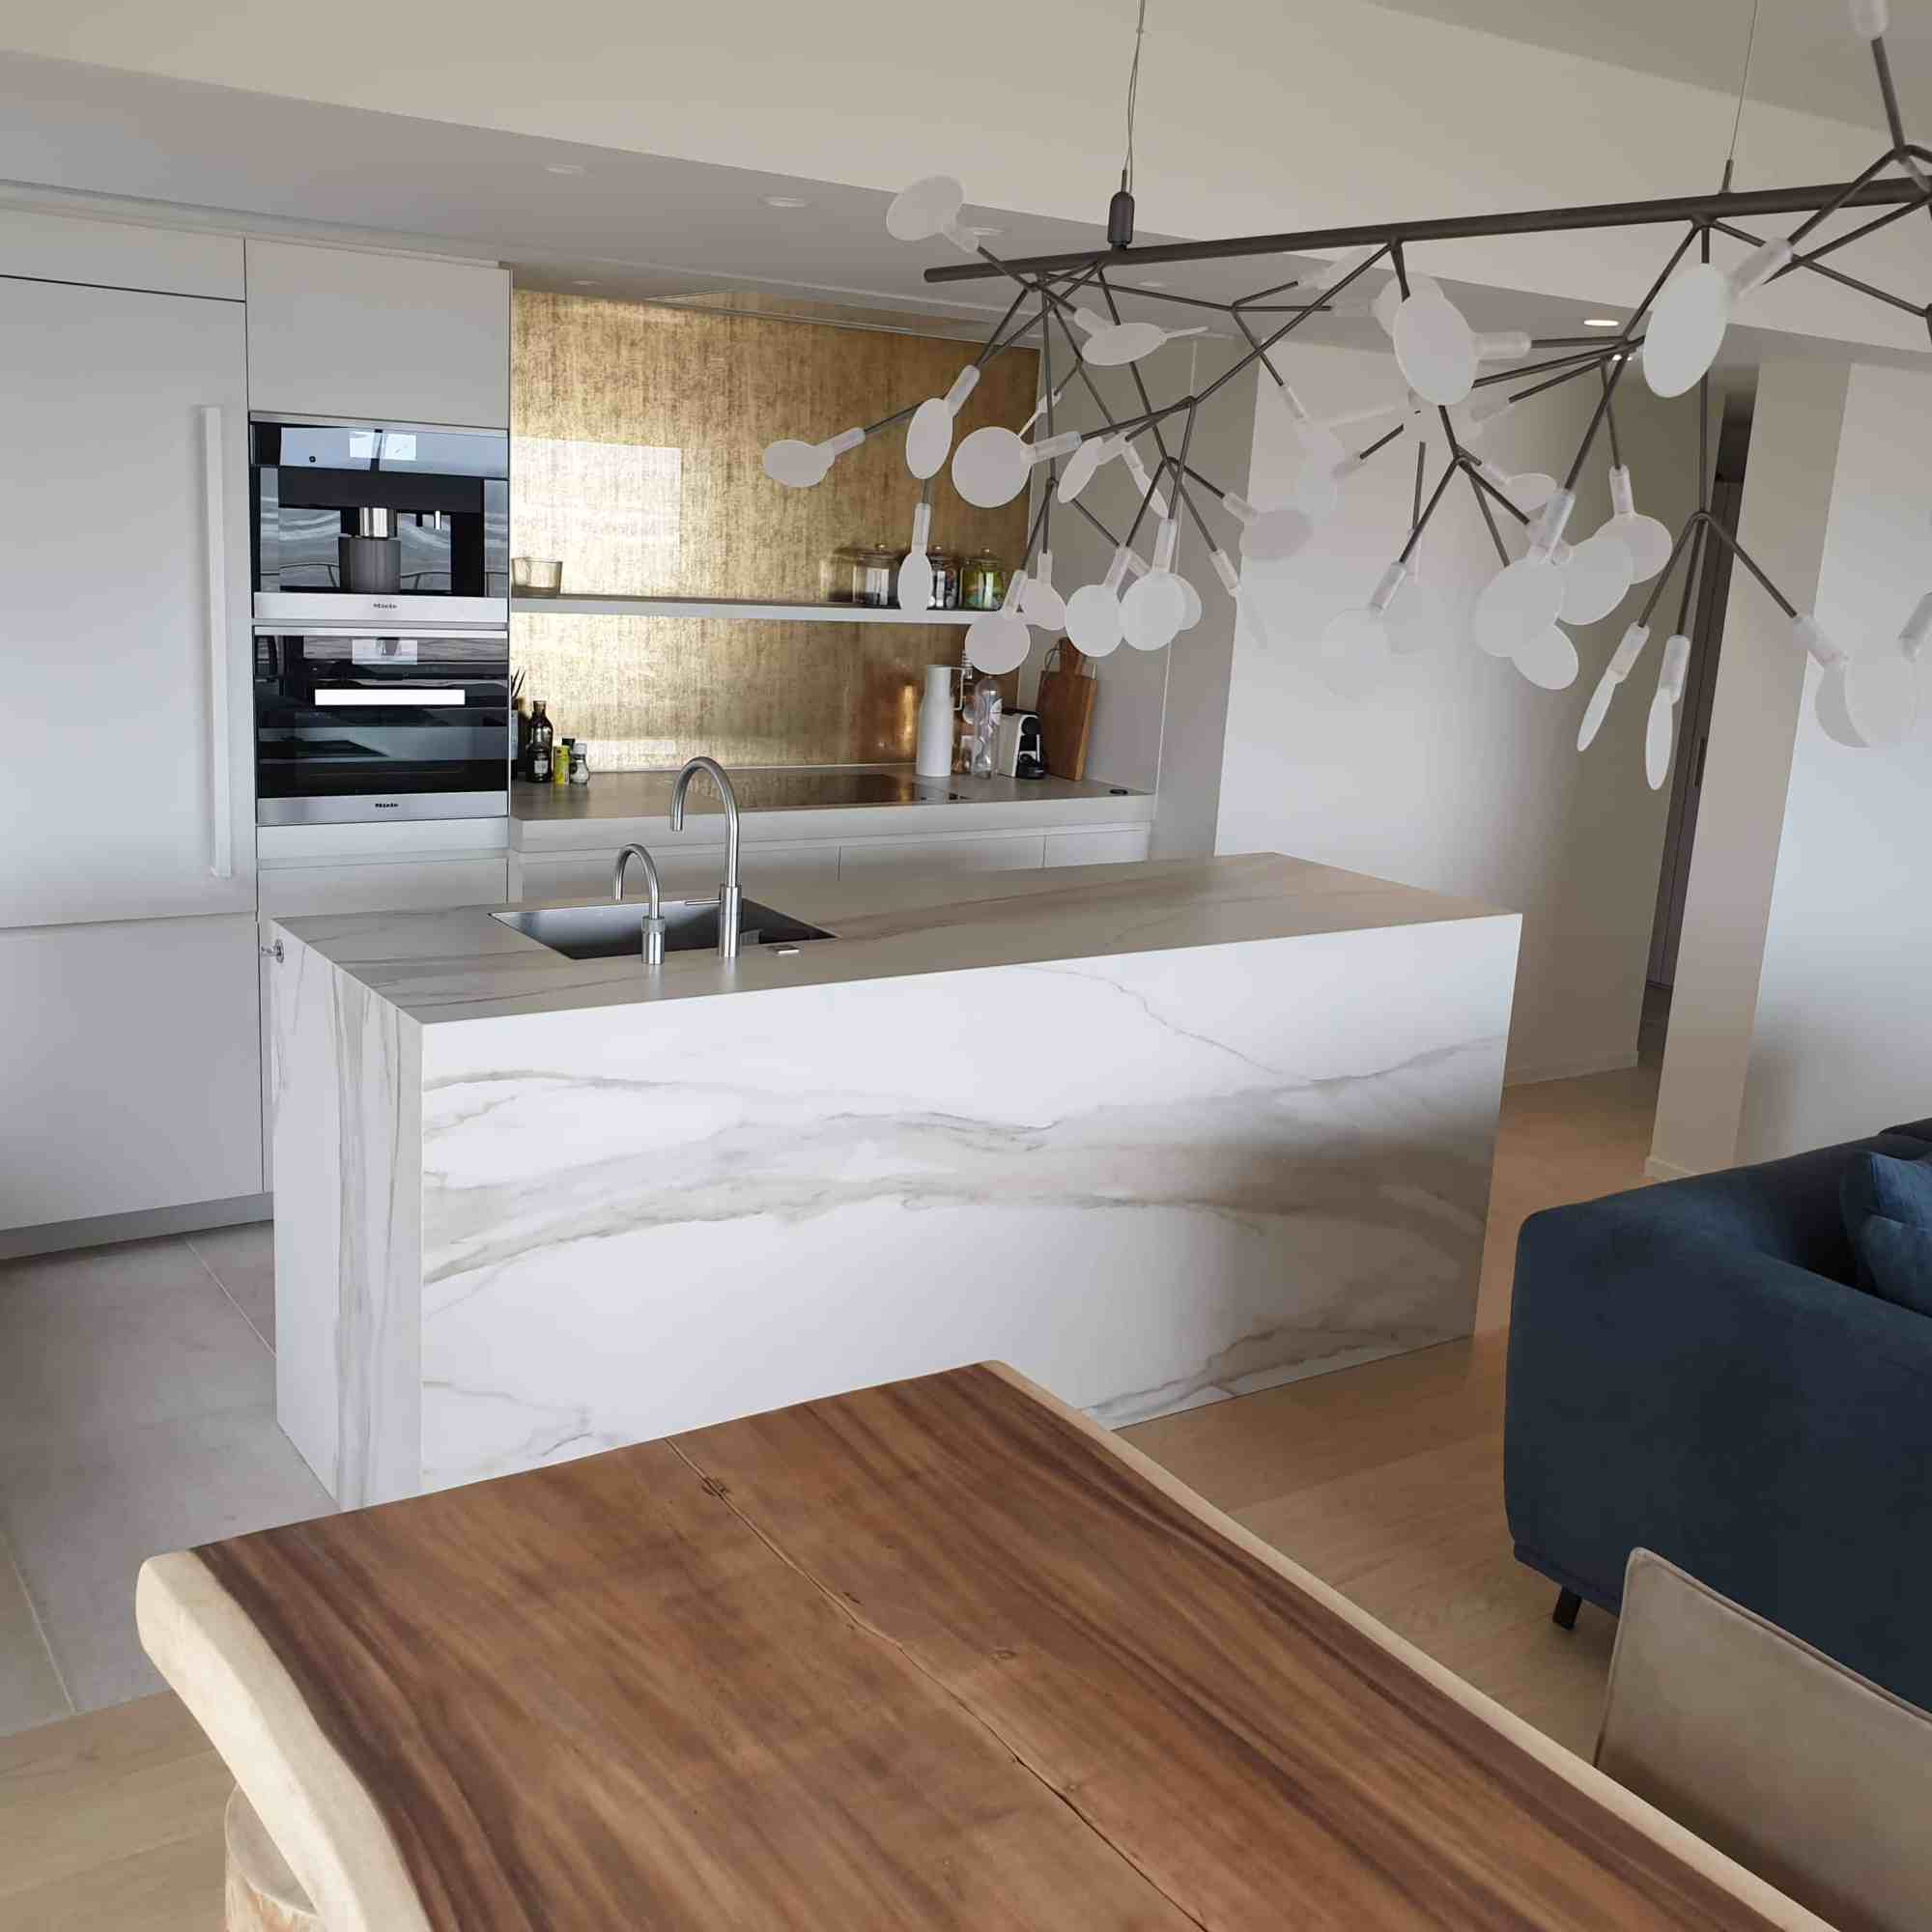 Keuken met keramische tegels op de vloer - kermaisch parket in de living - marmer xxl tegels in het aanrecht - West-Vlaanderen